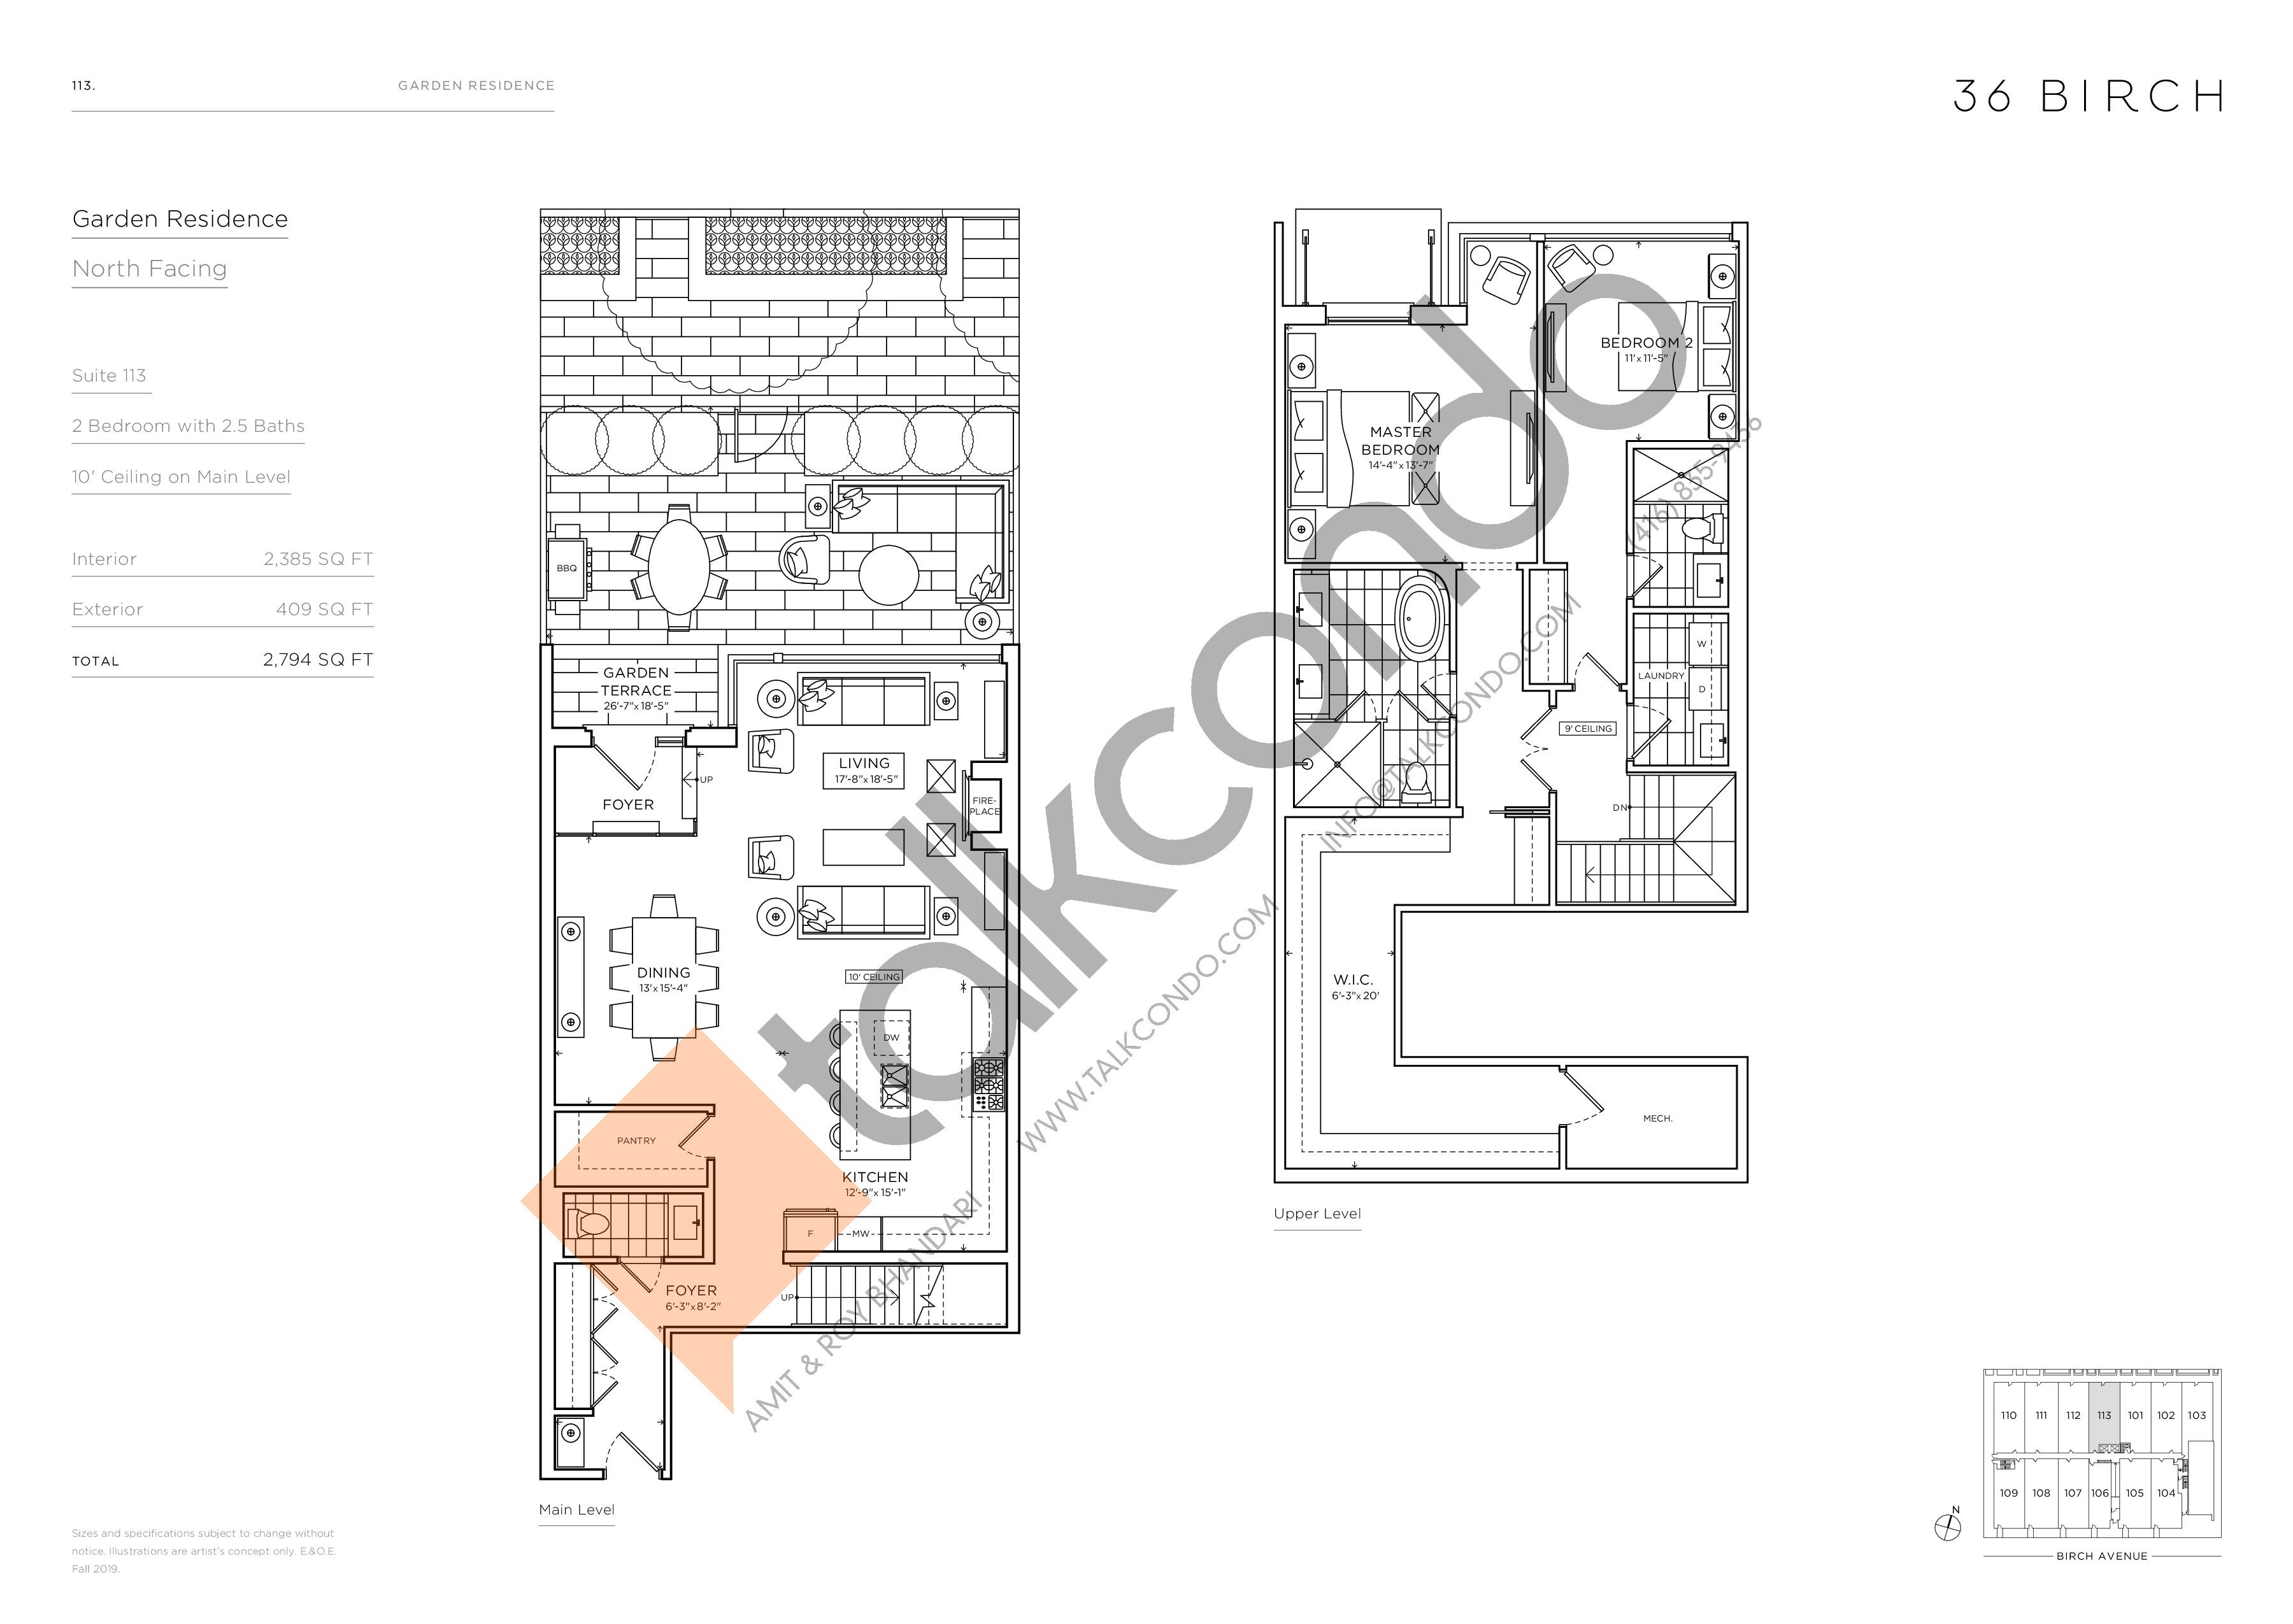 113 - Garden Residences Floor Plan at 36 Birch Avenue Condos - 2385 sq.ft